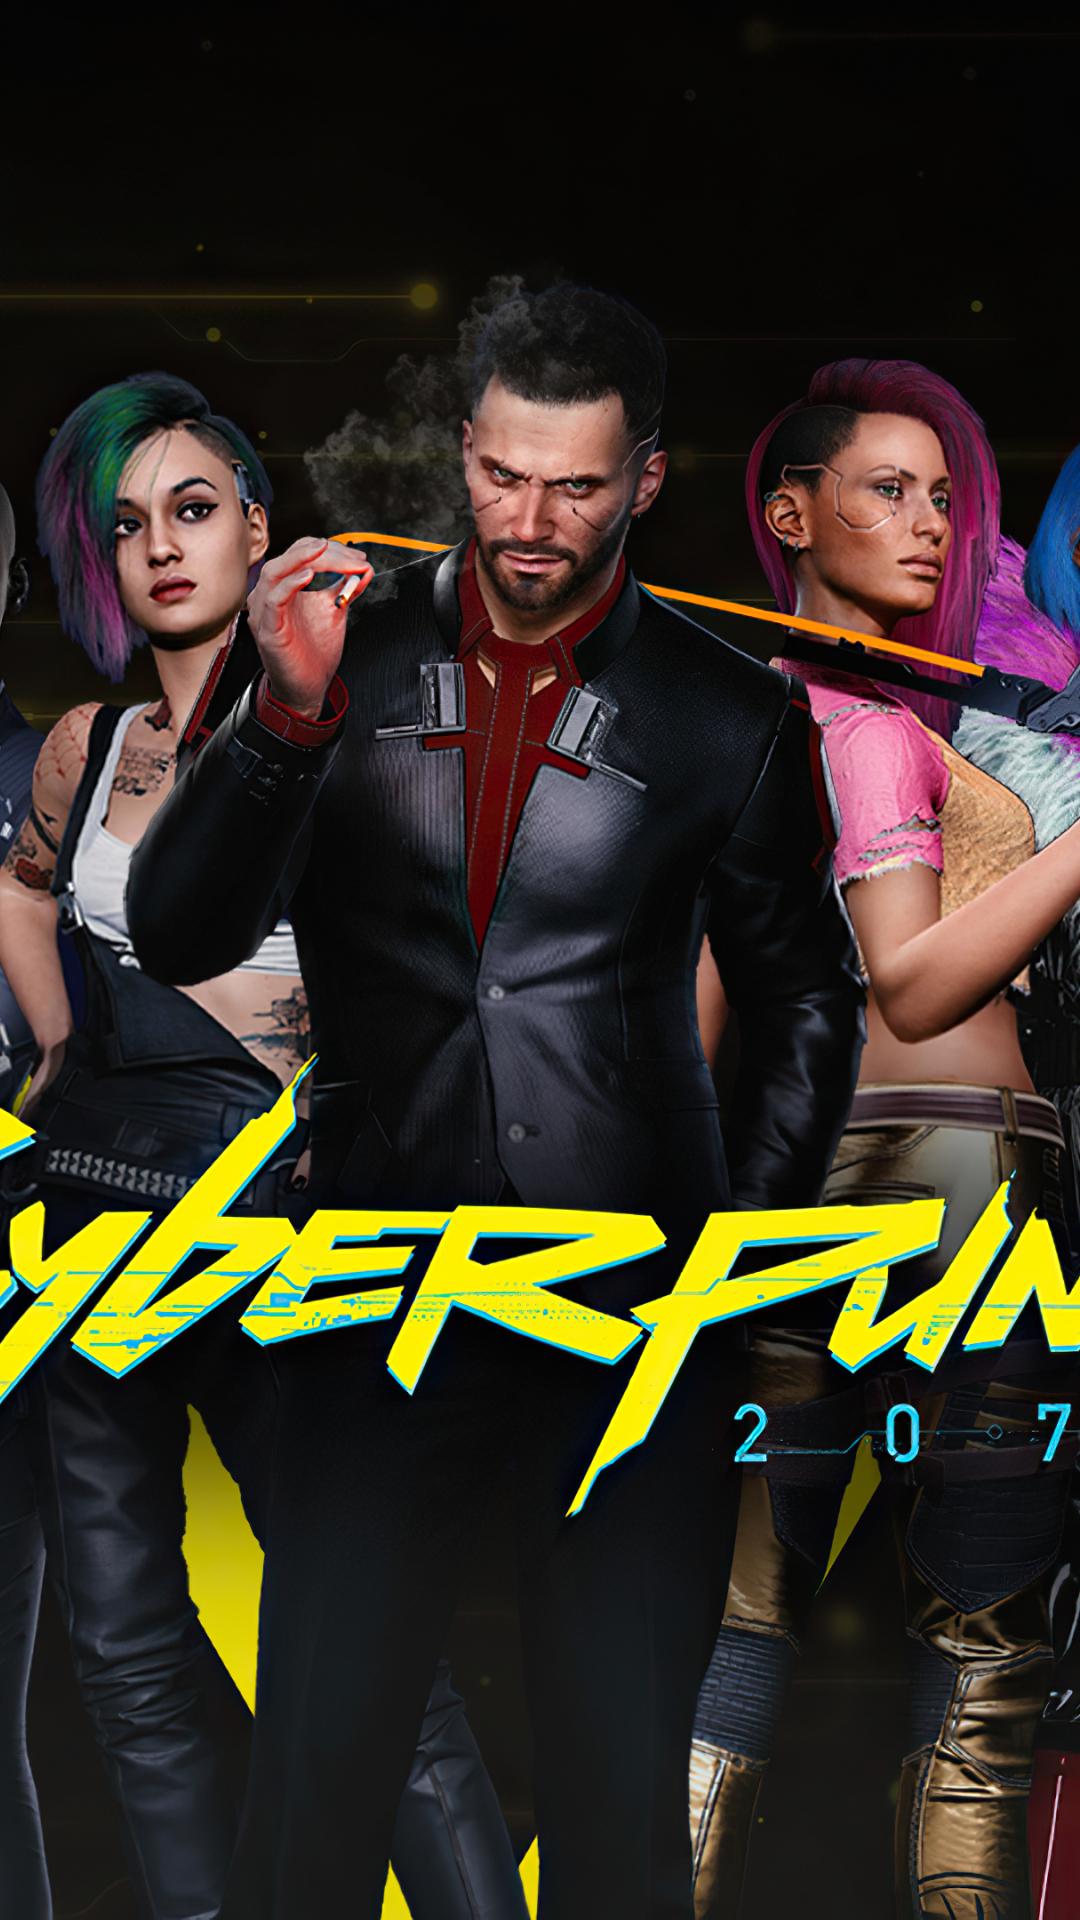 1080x1920 Cyberpunk 2077 4k Characters Iphone 7, 6s, 6 ...